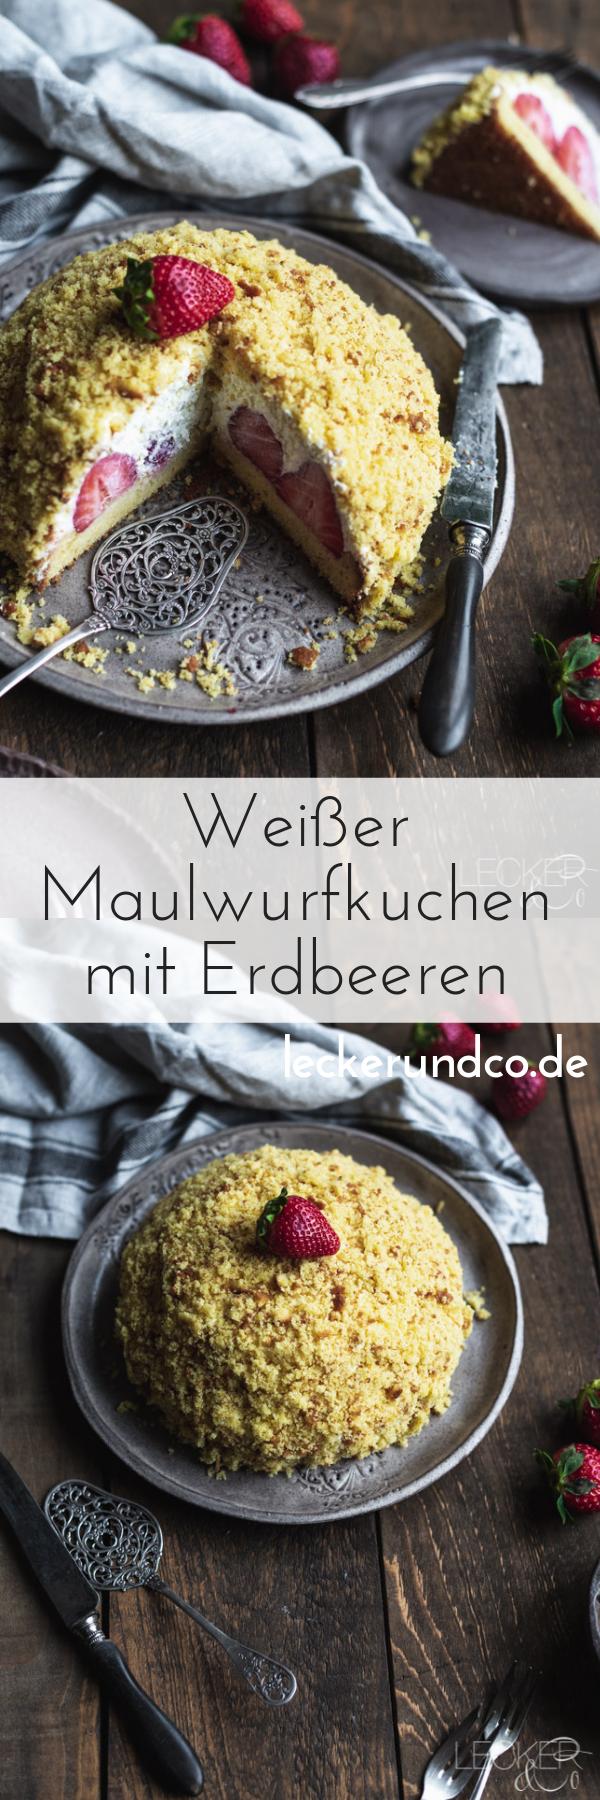 Weißer Maulwurfkuchen mit Erdbeeren | LECKER&Co | Foodblog aus Nürnberg